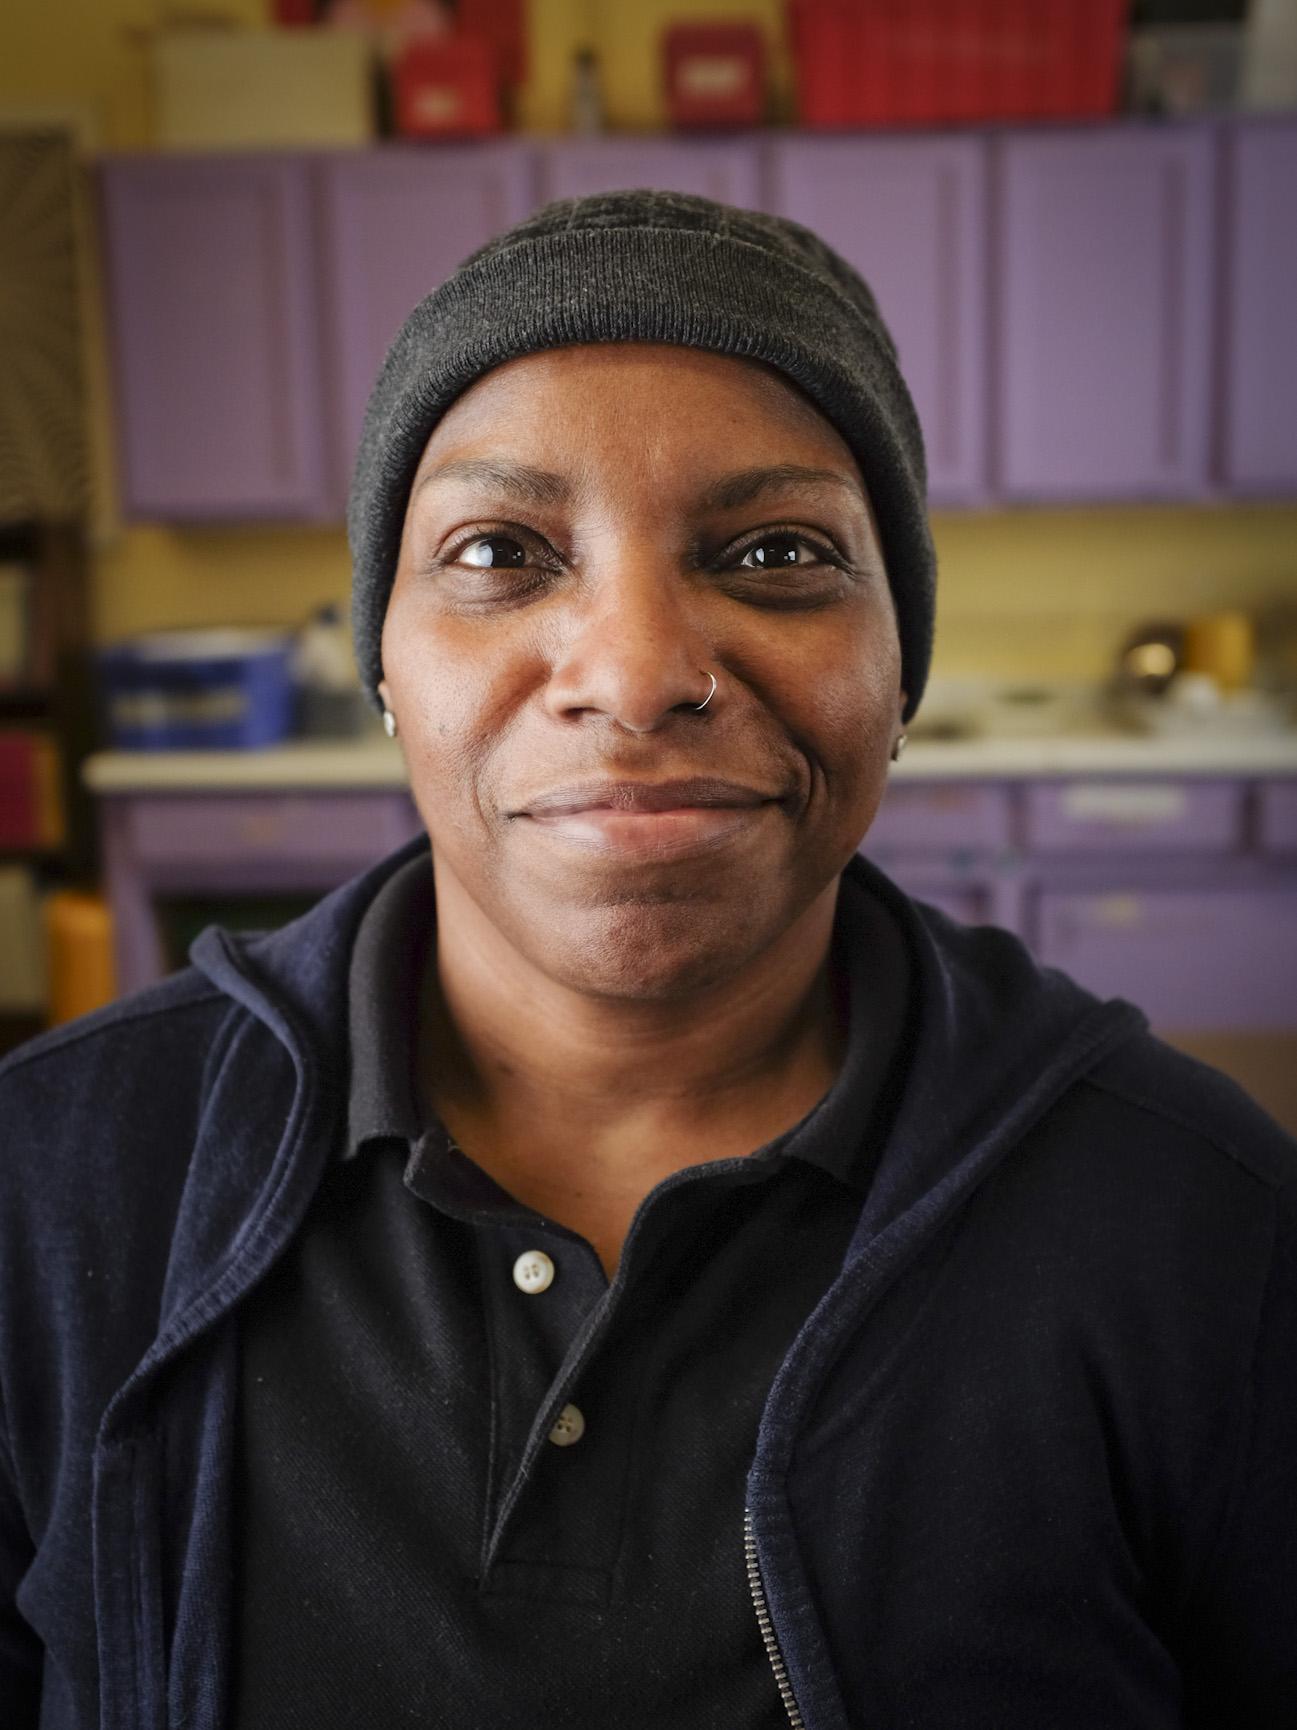 Dianne Barber, serves at Sabathani Community Center